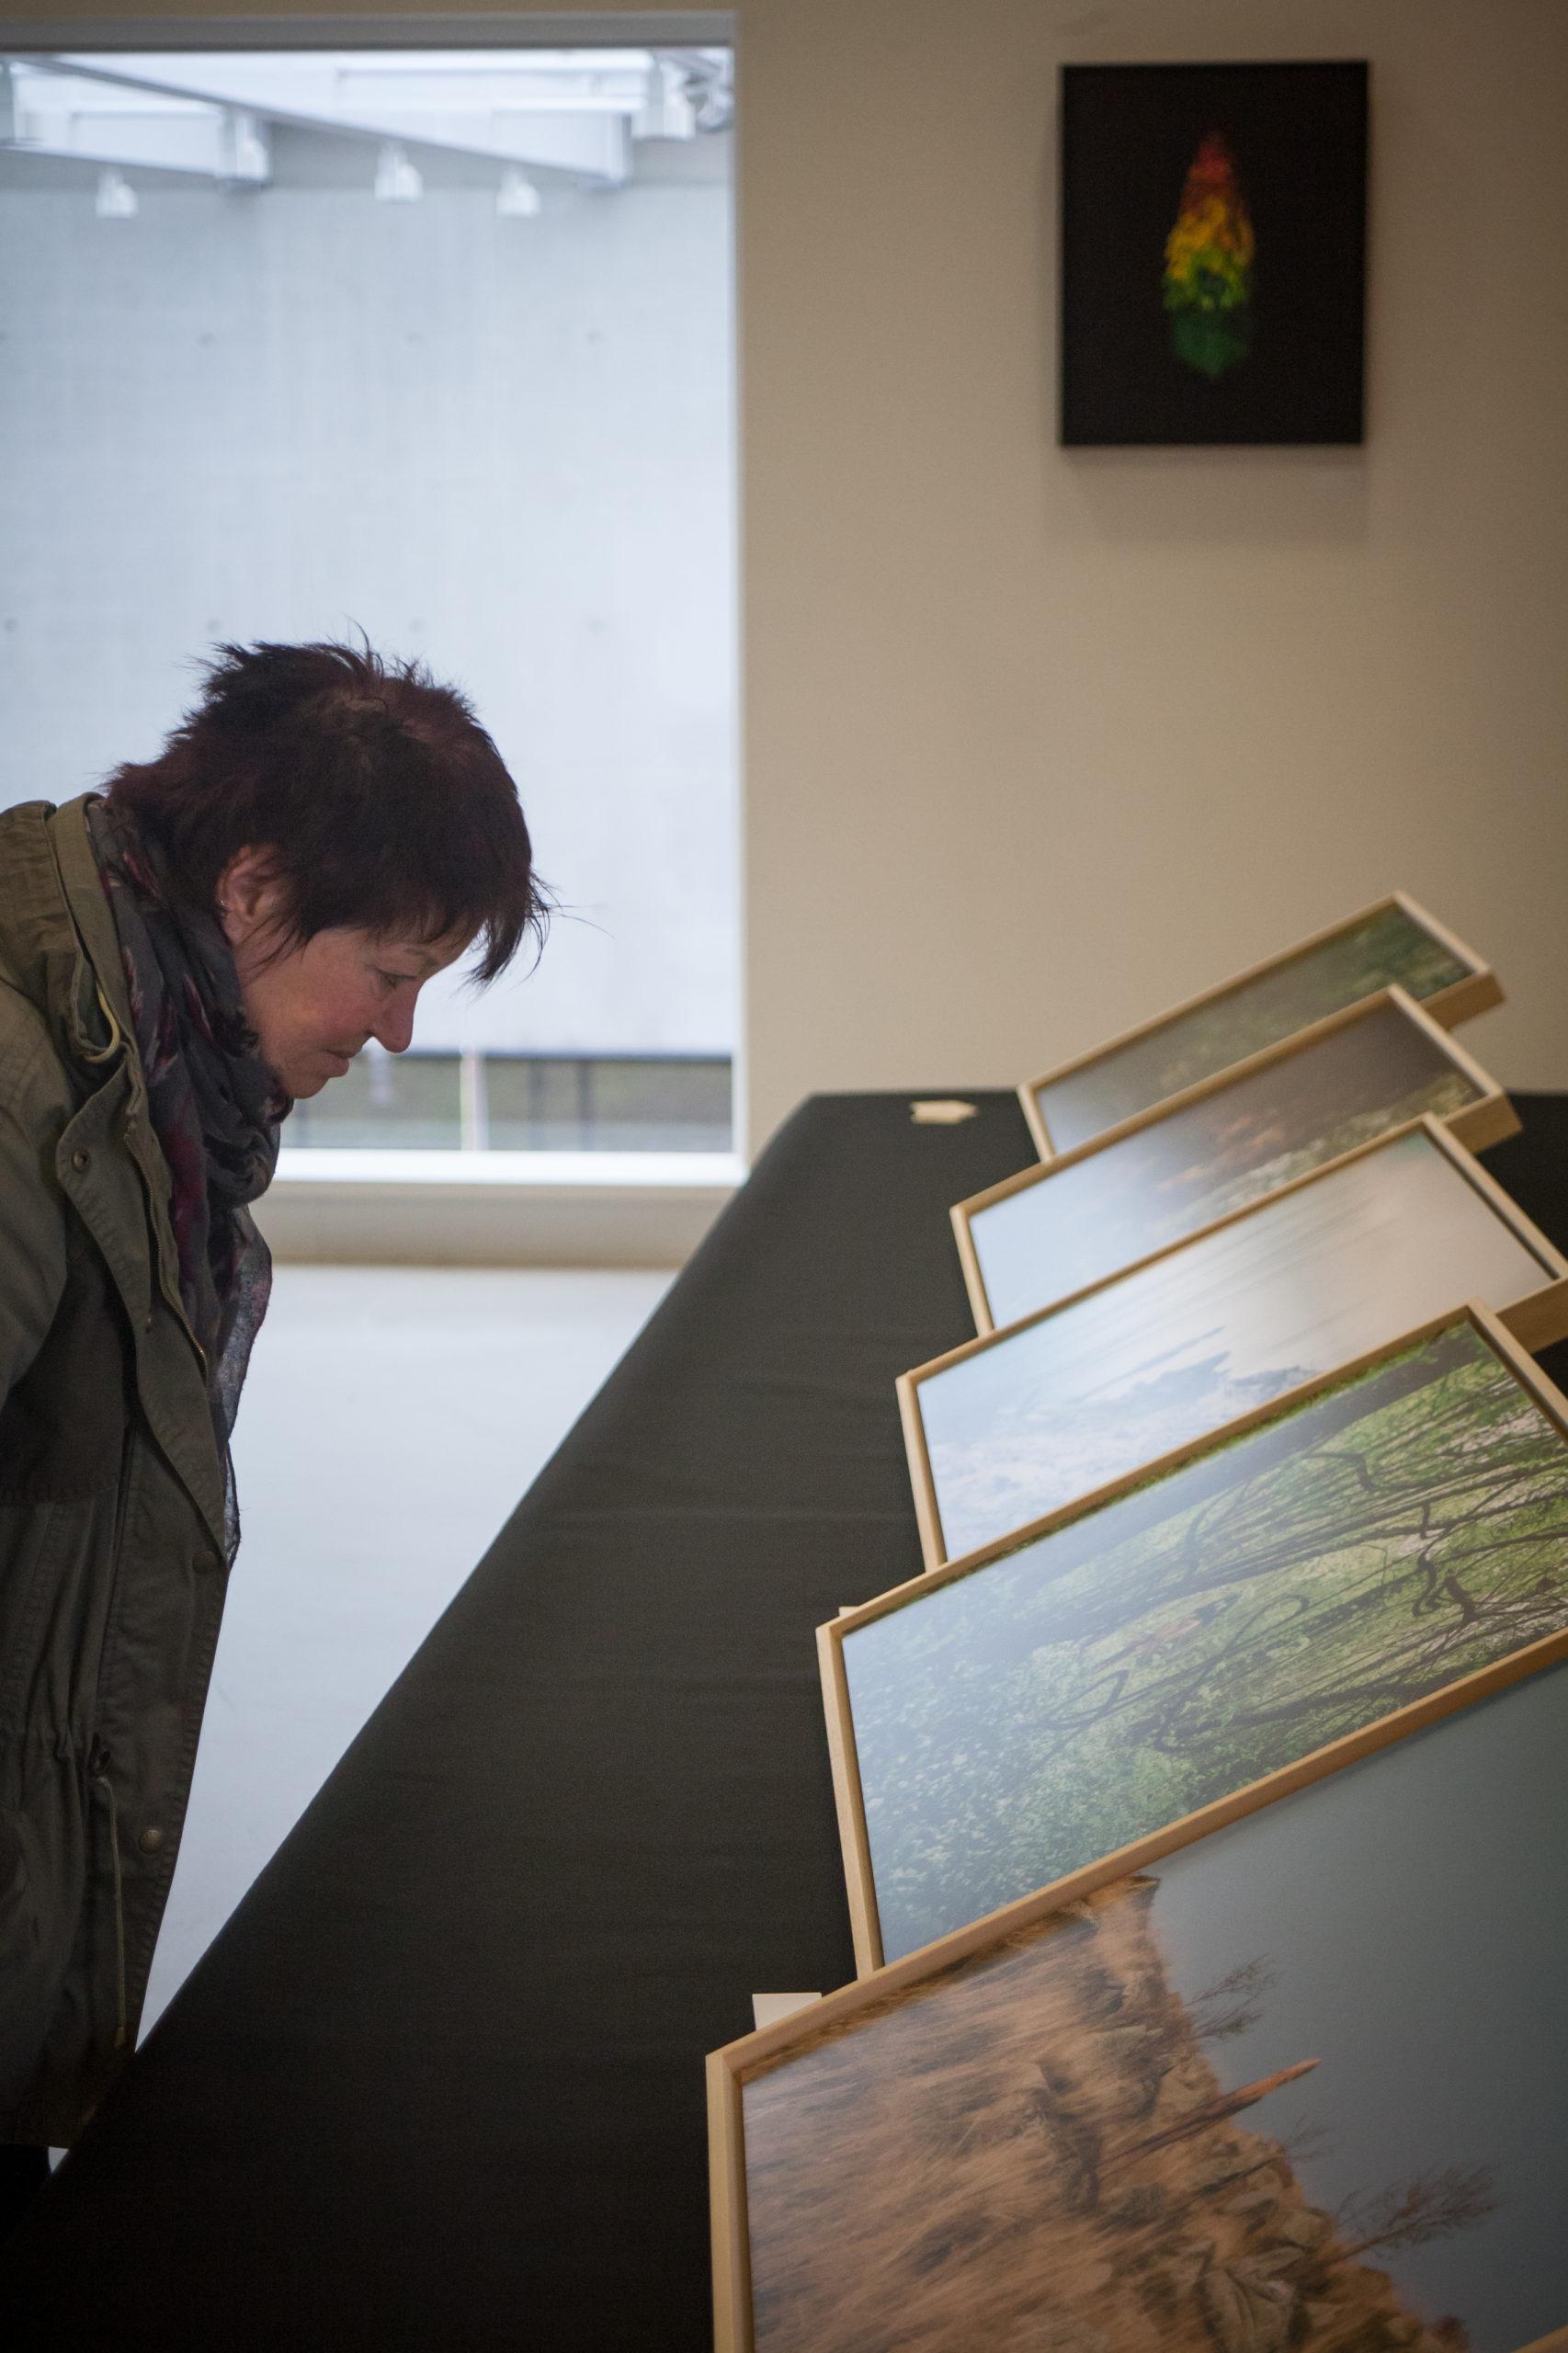 Visite de l'exposition du projet photo « Être(s) » réalisé par Hugo Mairelle et Vincent Muller, artiste plasticien et photographe alsaciens